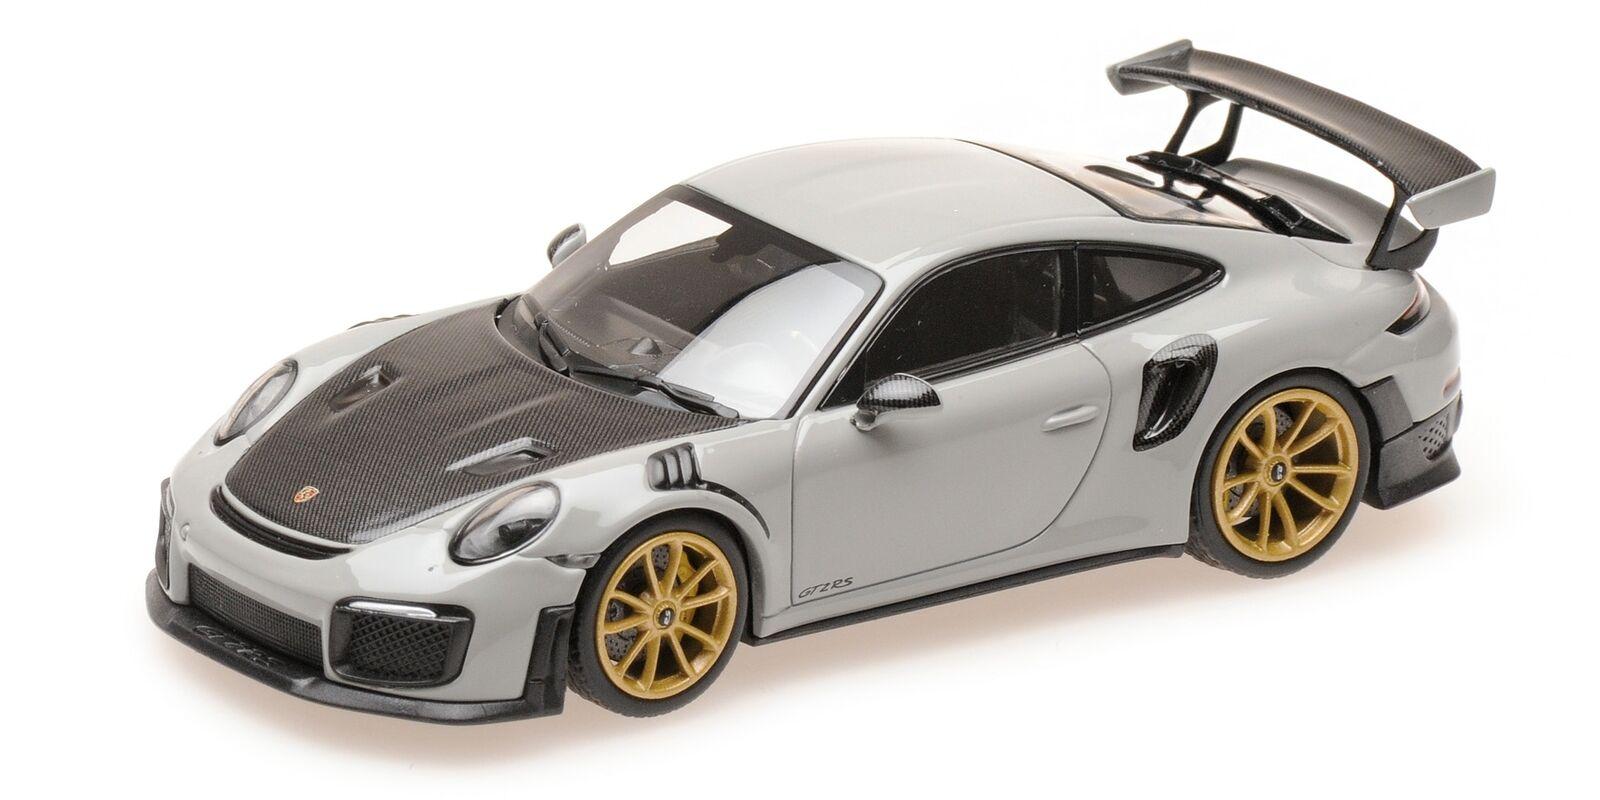 Porsche 911 Gt2 Rs 991.2 Kreide 2018 MINICHAMPS 1:43 410067226